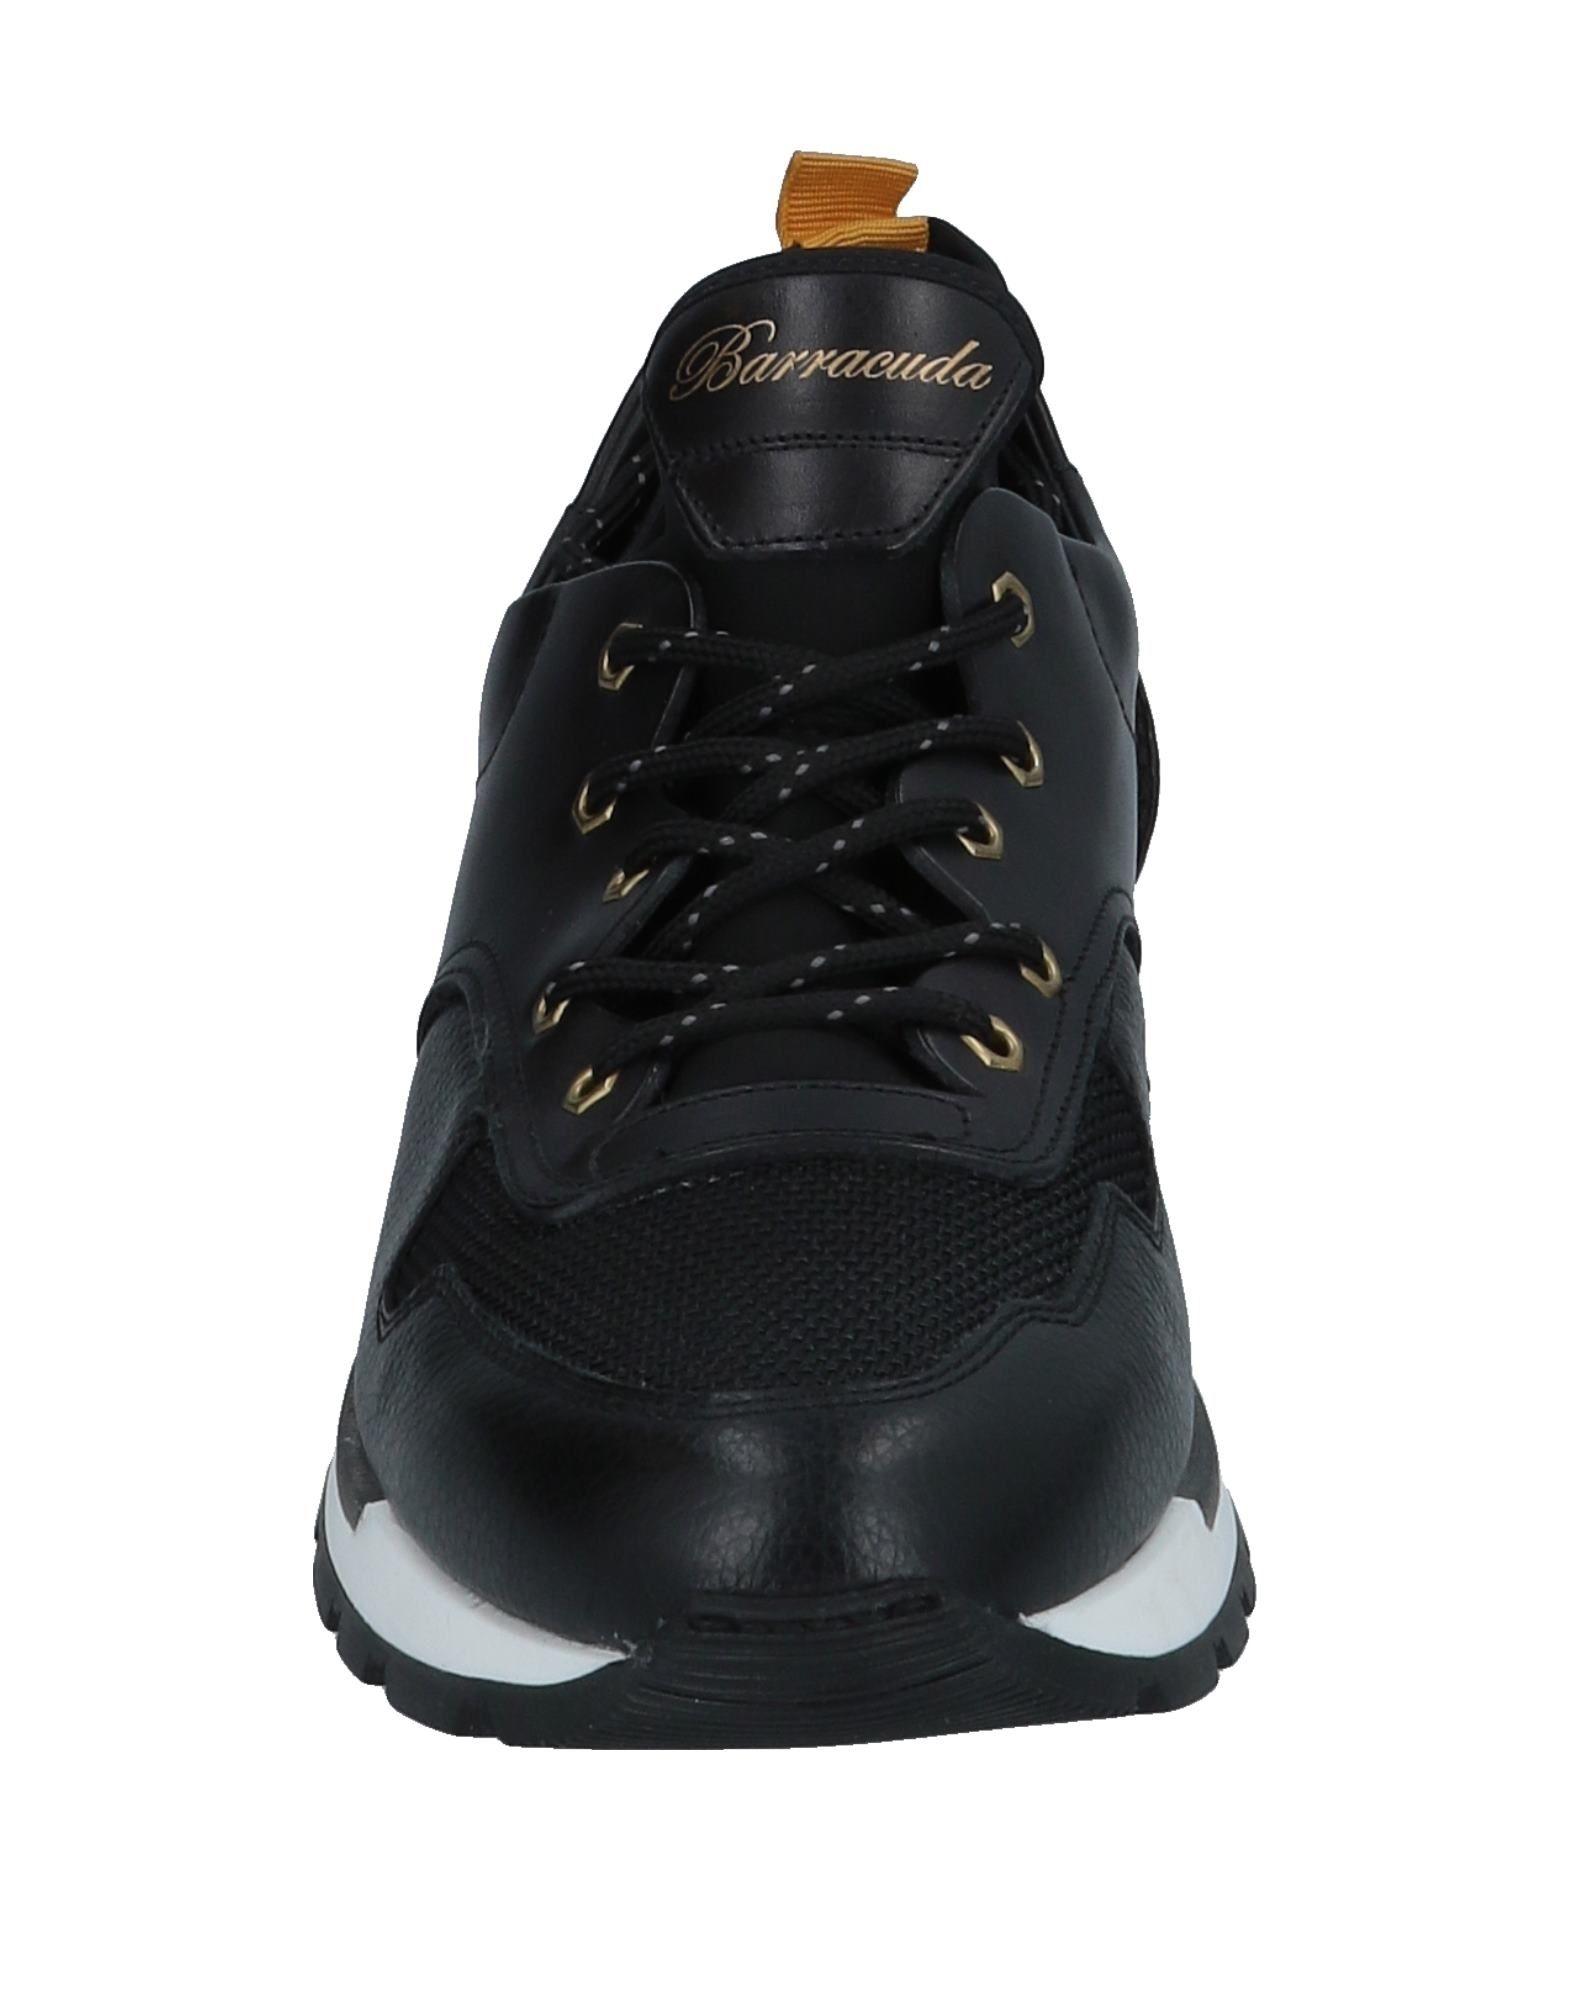 Scarpe economiche e resistenti - Sneakers Barracuda Uomo - resistenti 11532071AJ 093ccc